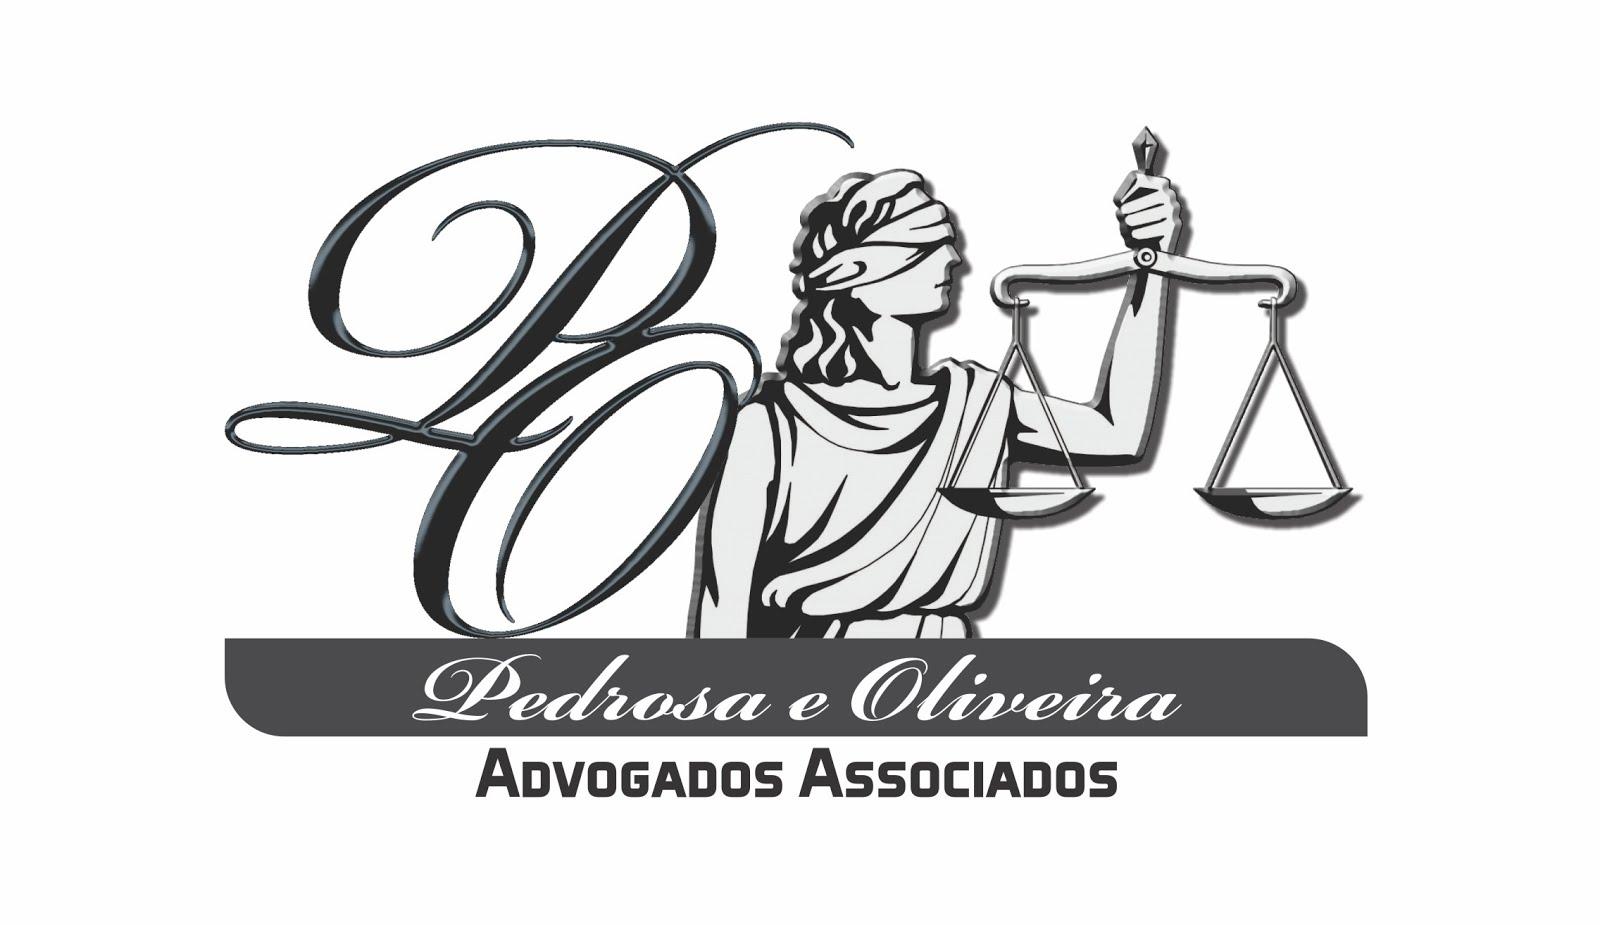 Pedrosa e Oliveira Advogados assossiados